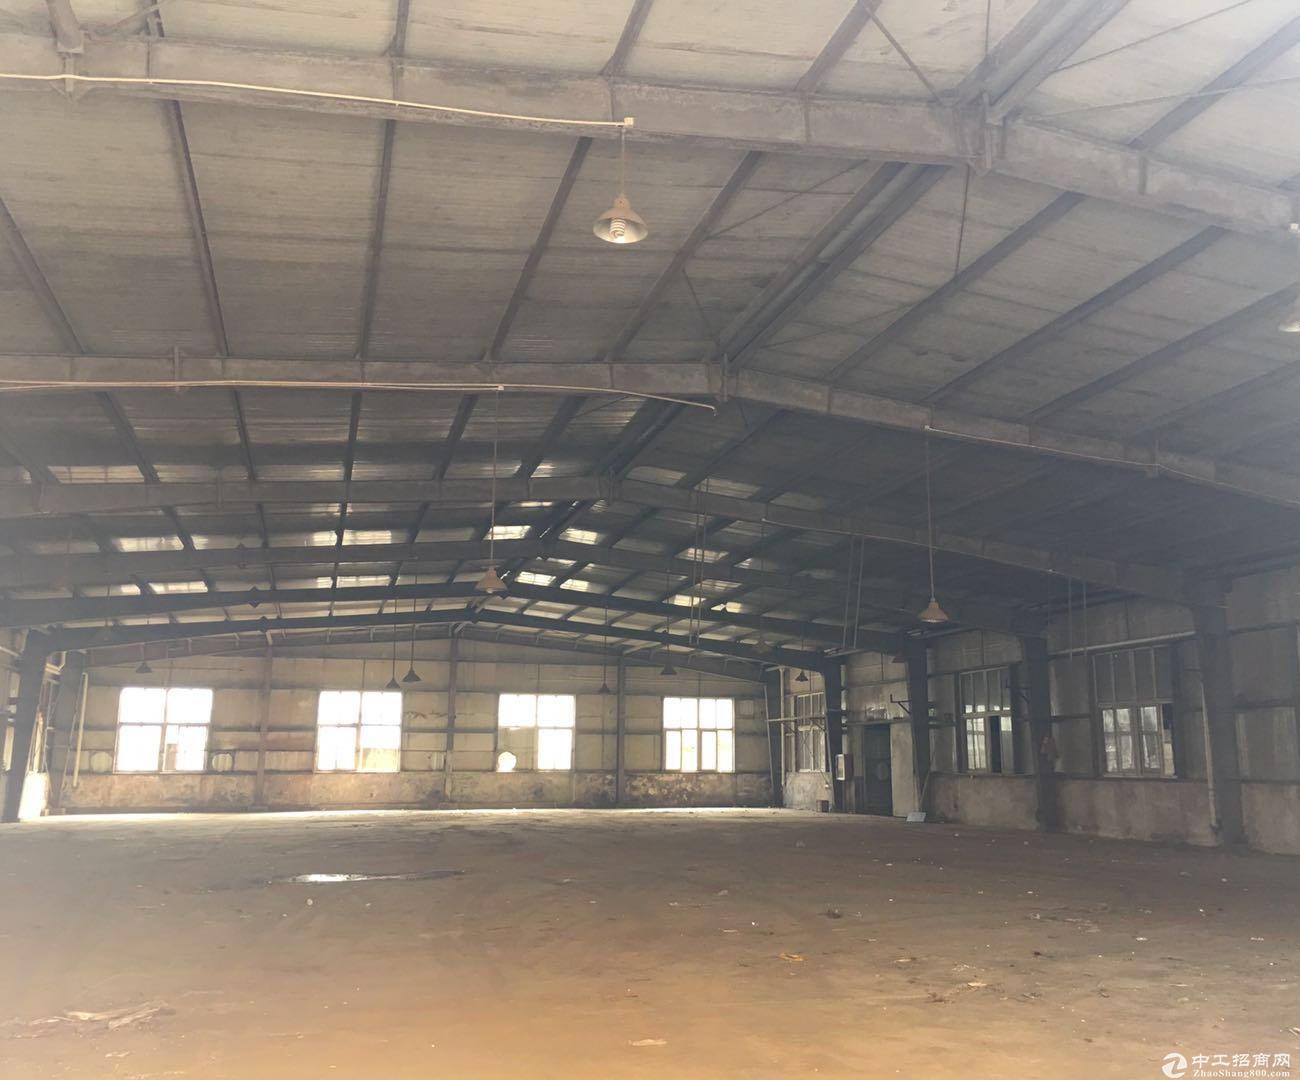 浦东新区祝桥镇盐仓厂房仓库全一楼2900平0.7元